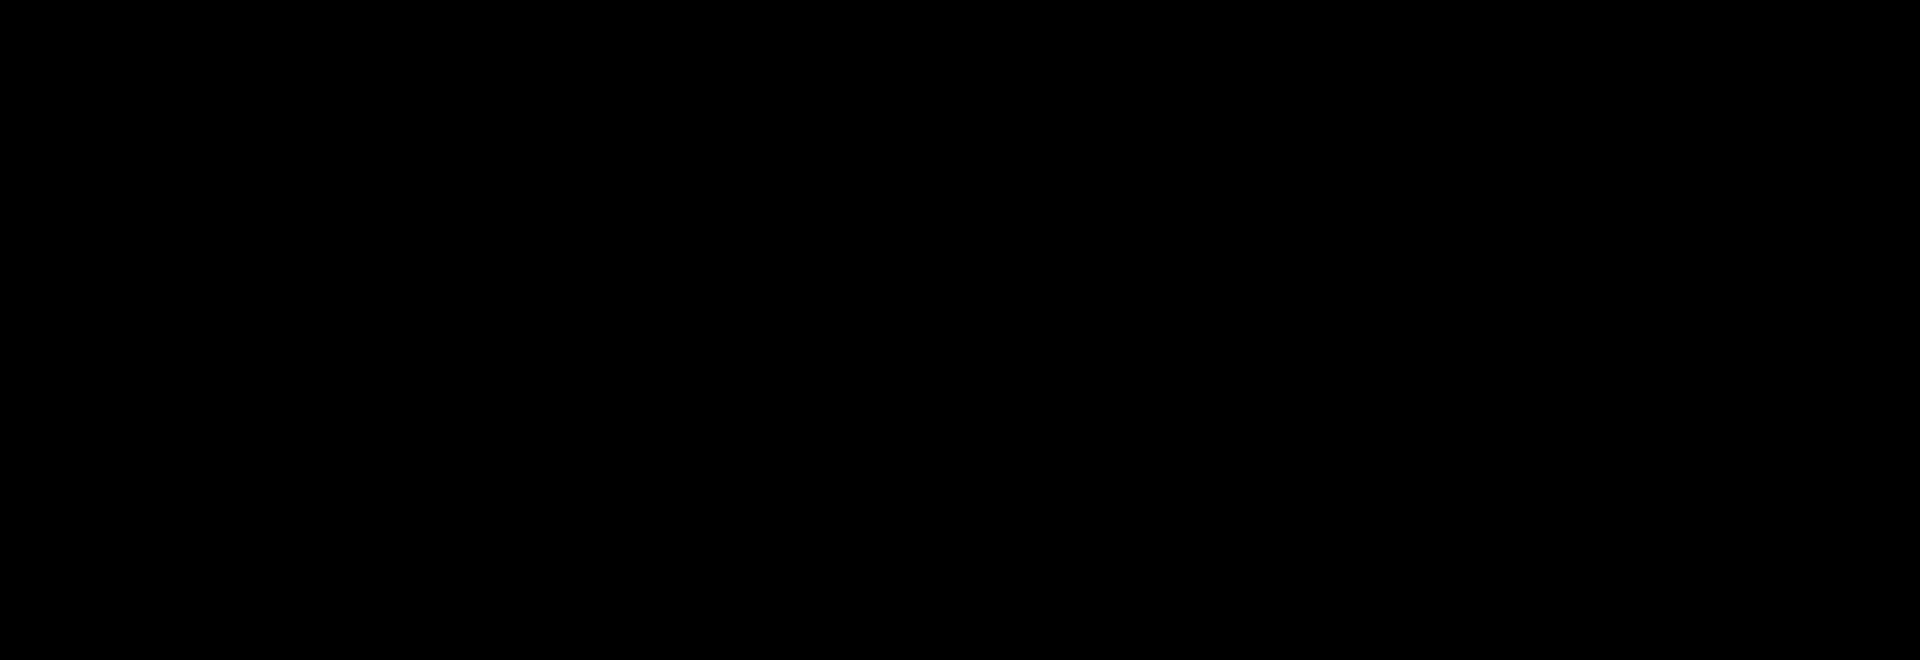 2a g.